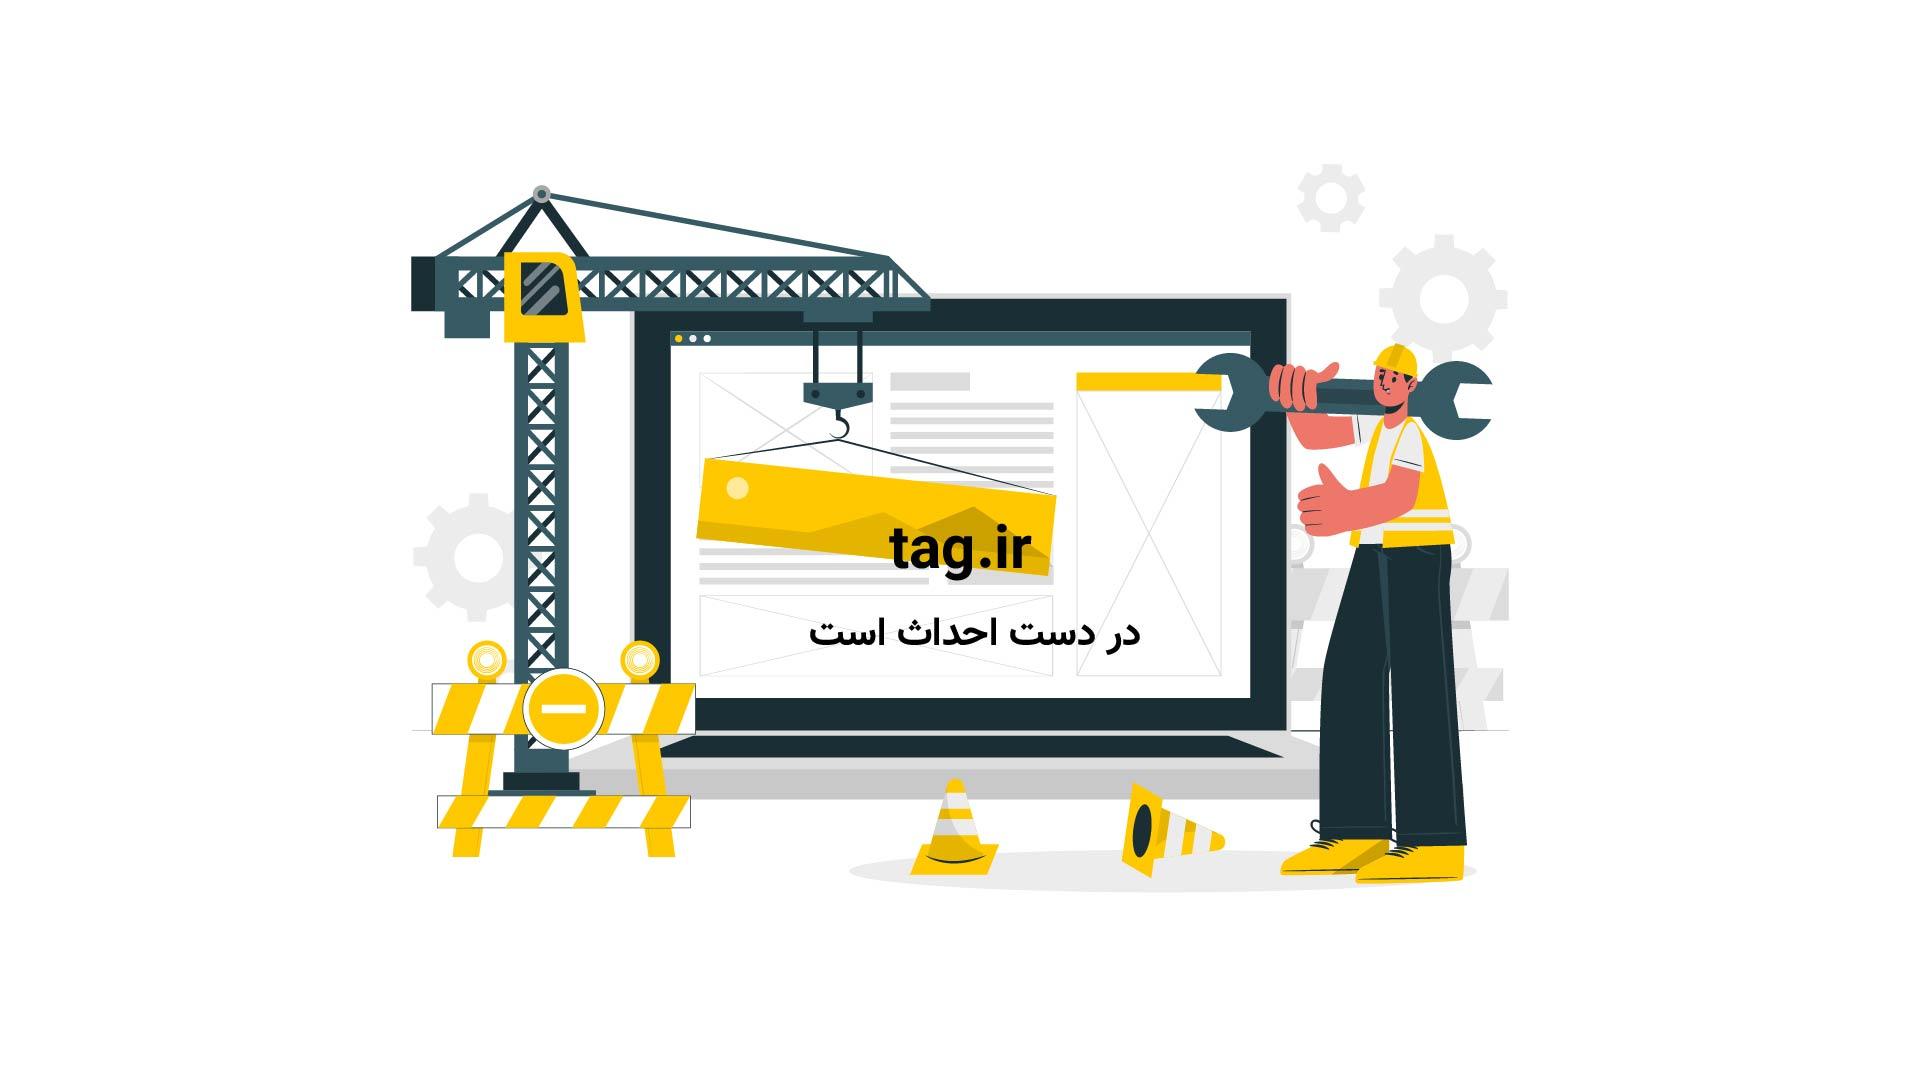 برف بازی حیوانات در باغ وحش ایالت اورگان | فیلم